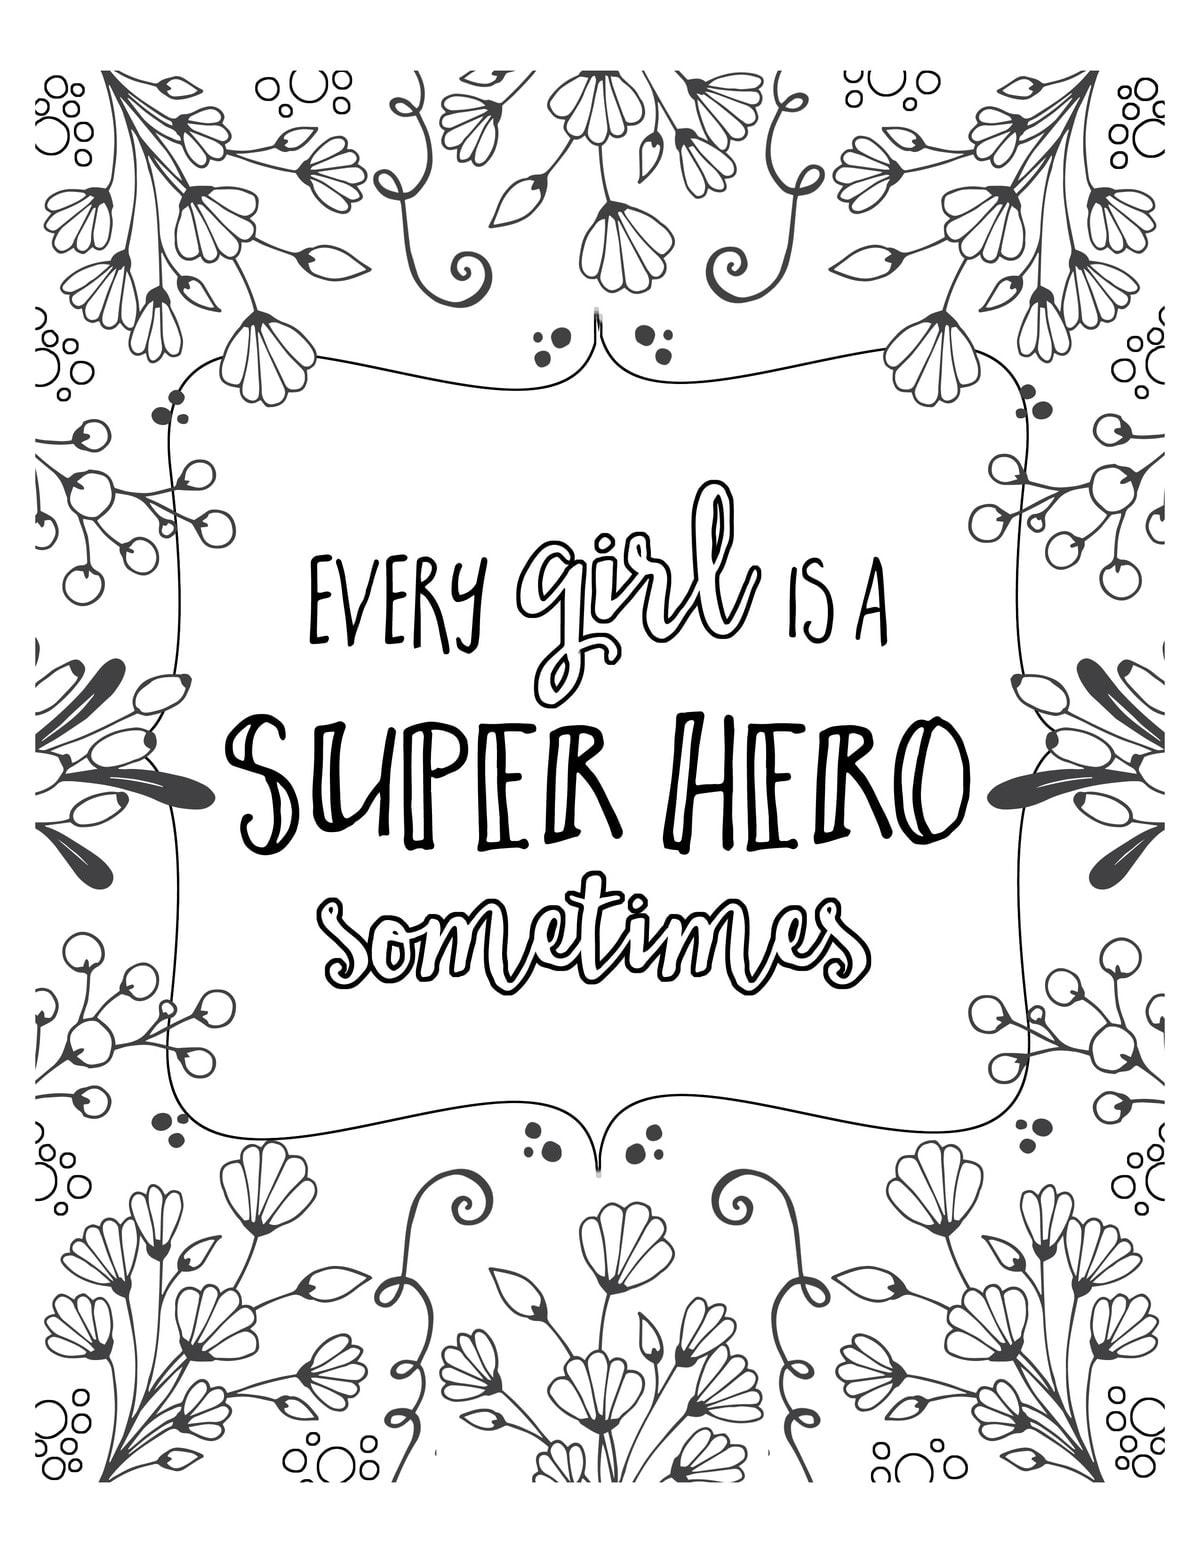 free super hero get the free download at lilluna com